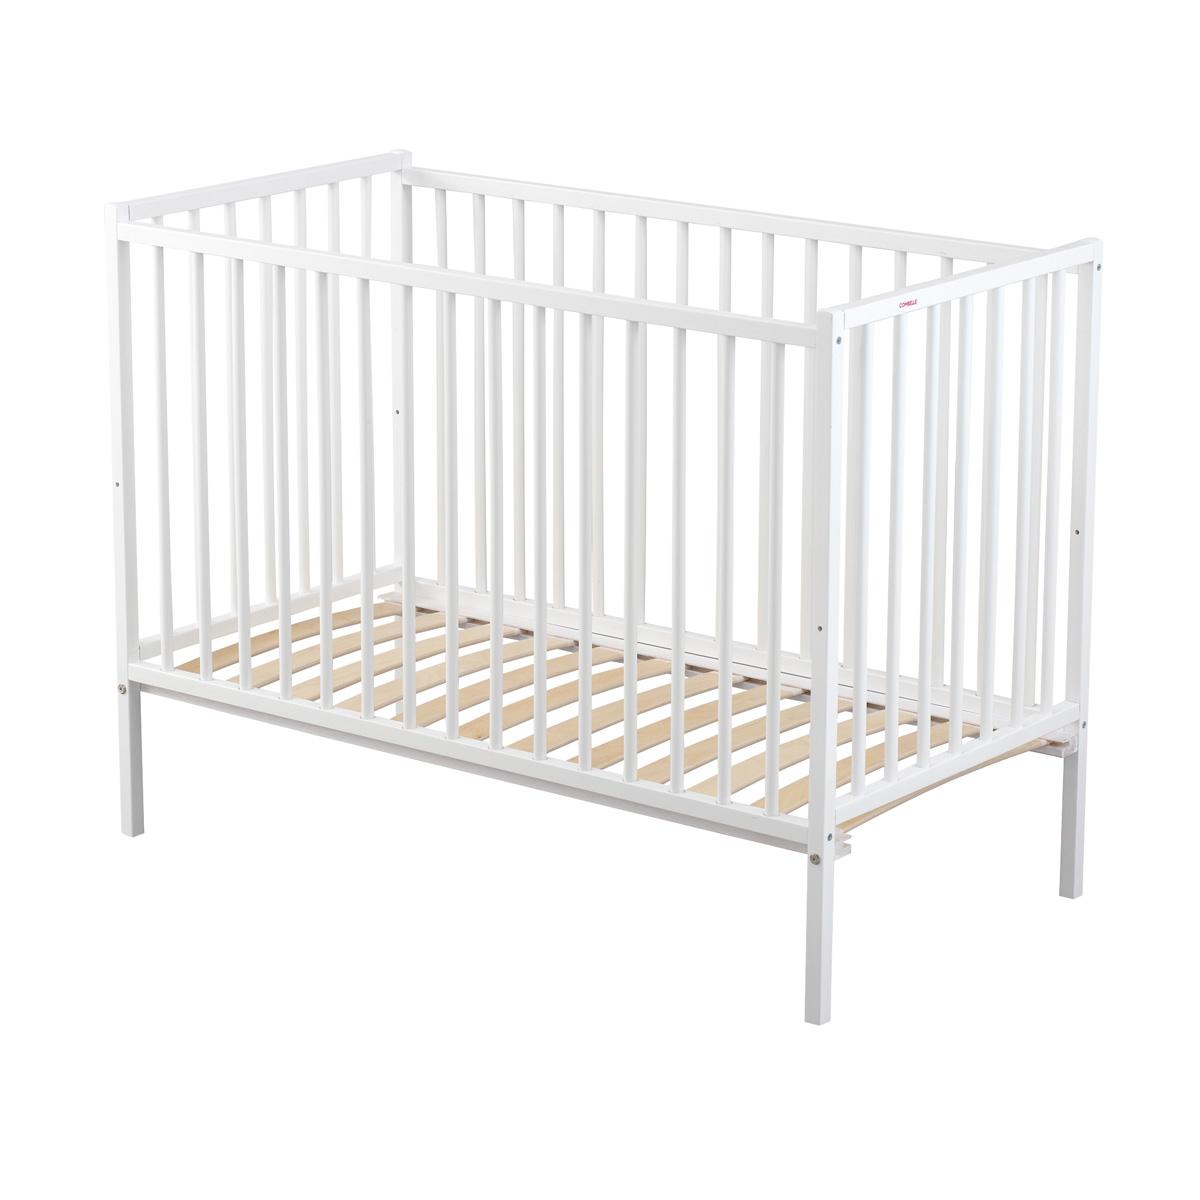 lit b b r mi laqu blanc combelle pour chambre enfant les enfants du design. Black Bedroom Furniture Sets. Home Design Ideas